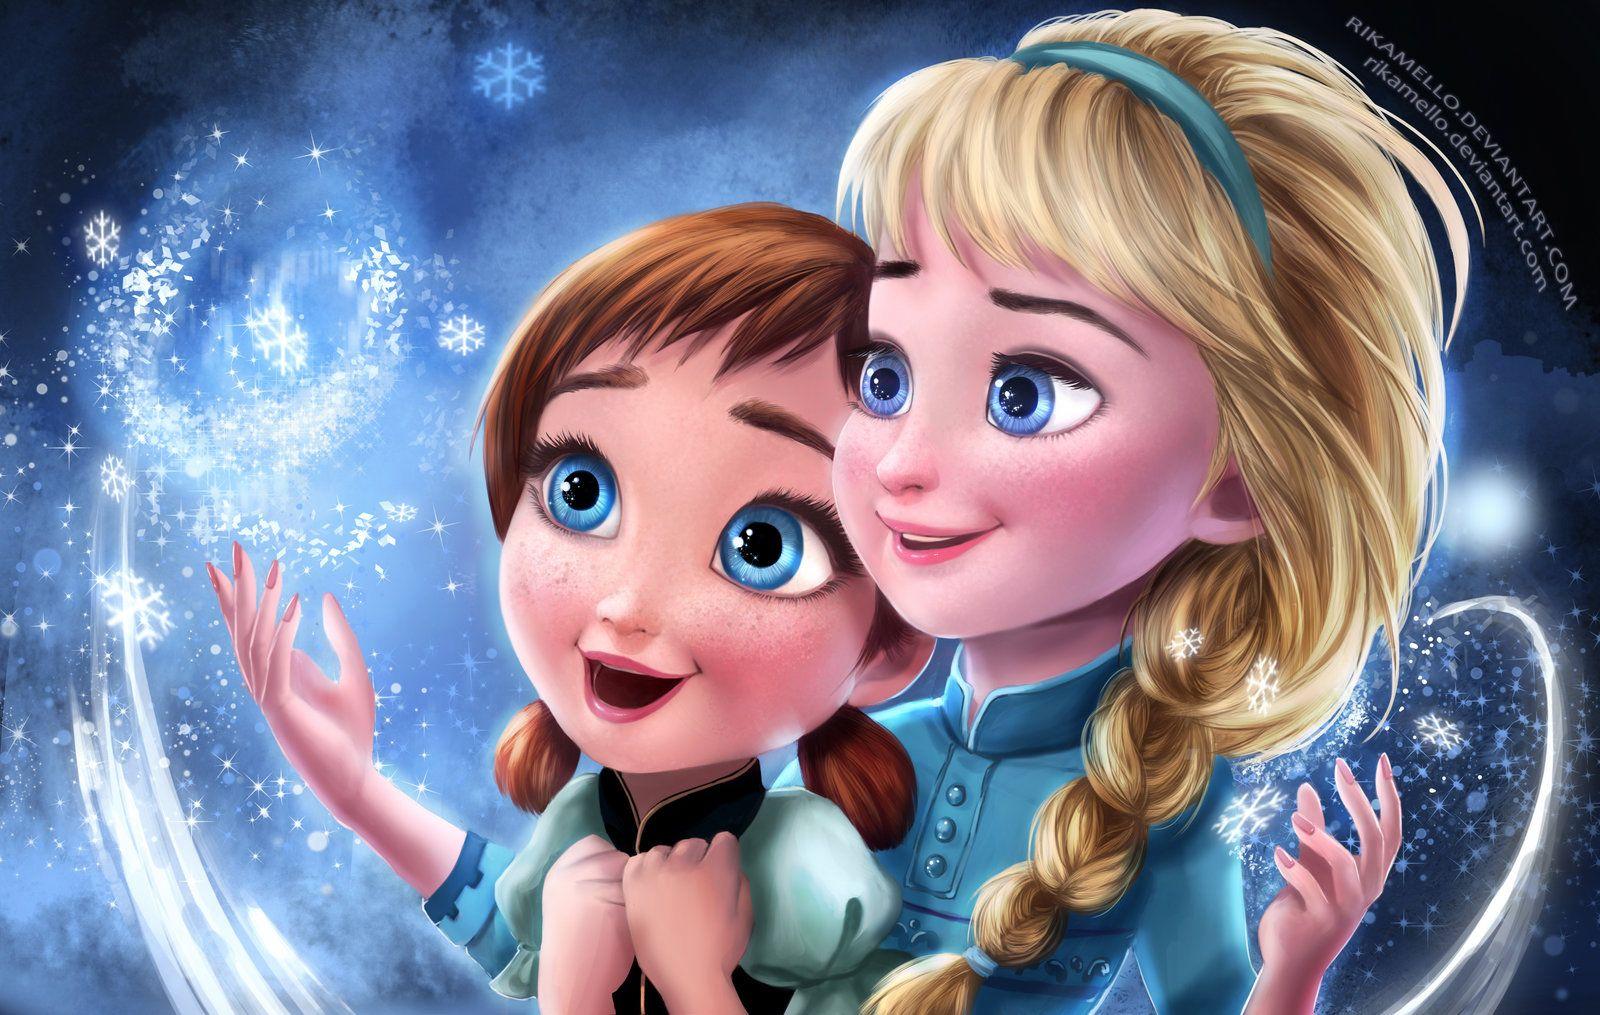 Frozen Elsa Anna Digital Fan Art Wallpapers Frozen Wallpaper Frozen Fan Art Elsa Frozen